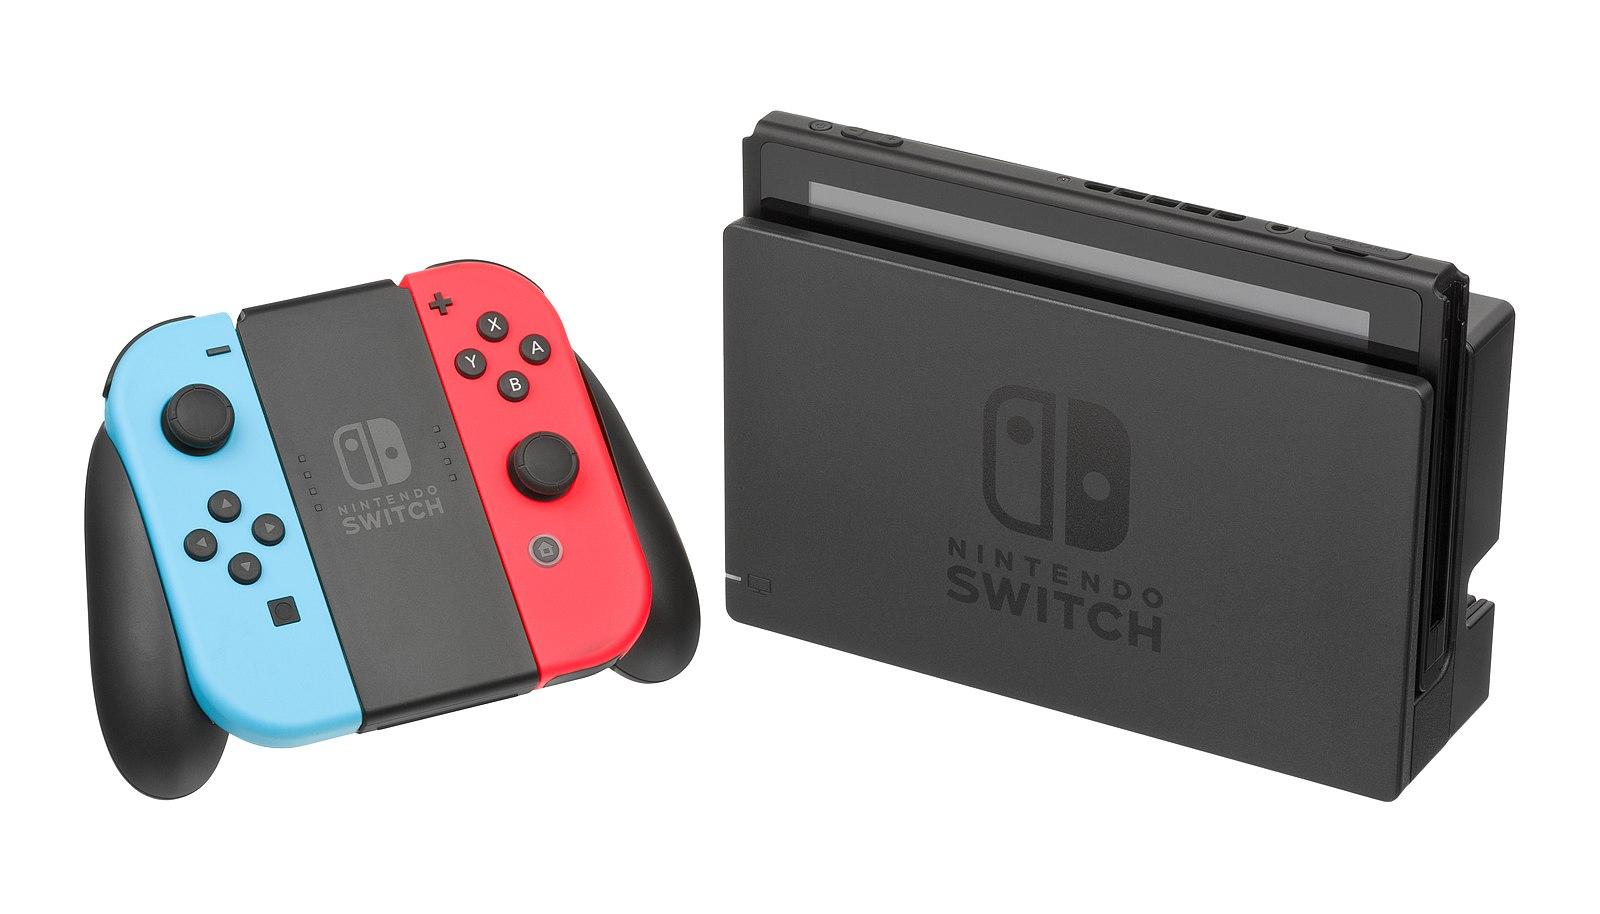 照片中提到了OP、NINTENDO、SWITCH,跟任天堂、任天堂有關,包含了任天堂Switch新概念、任天堂Switch、Wii U